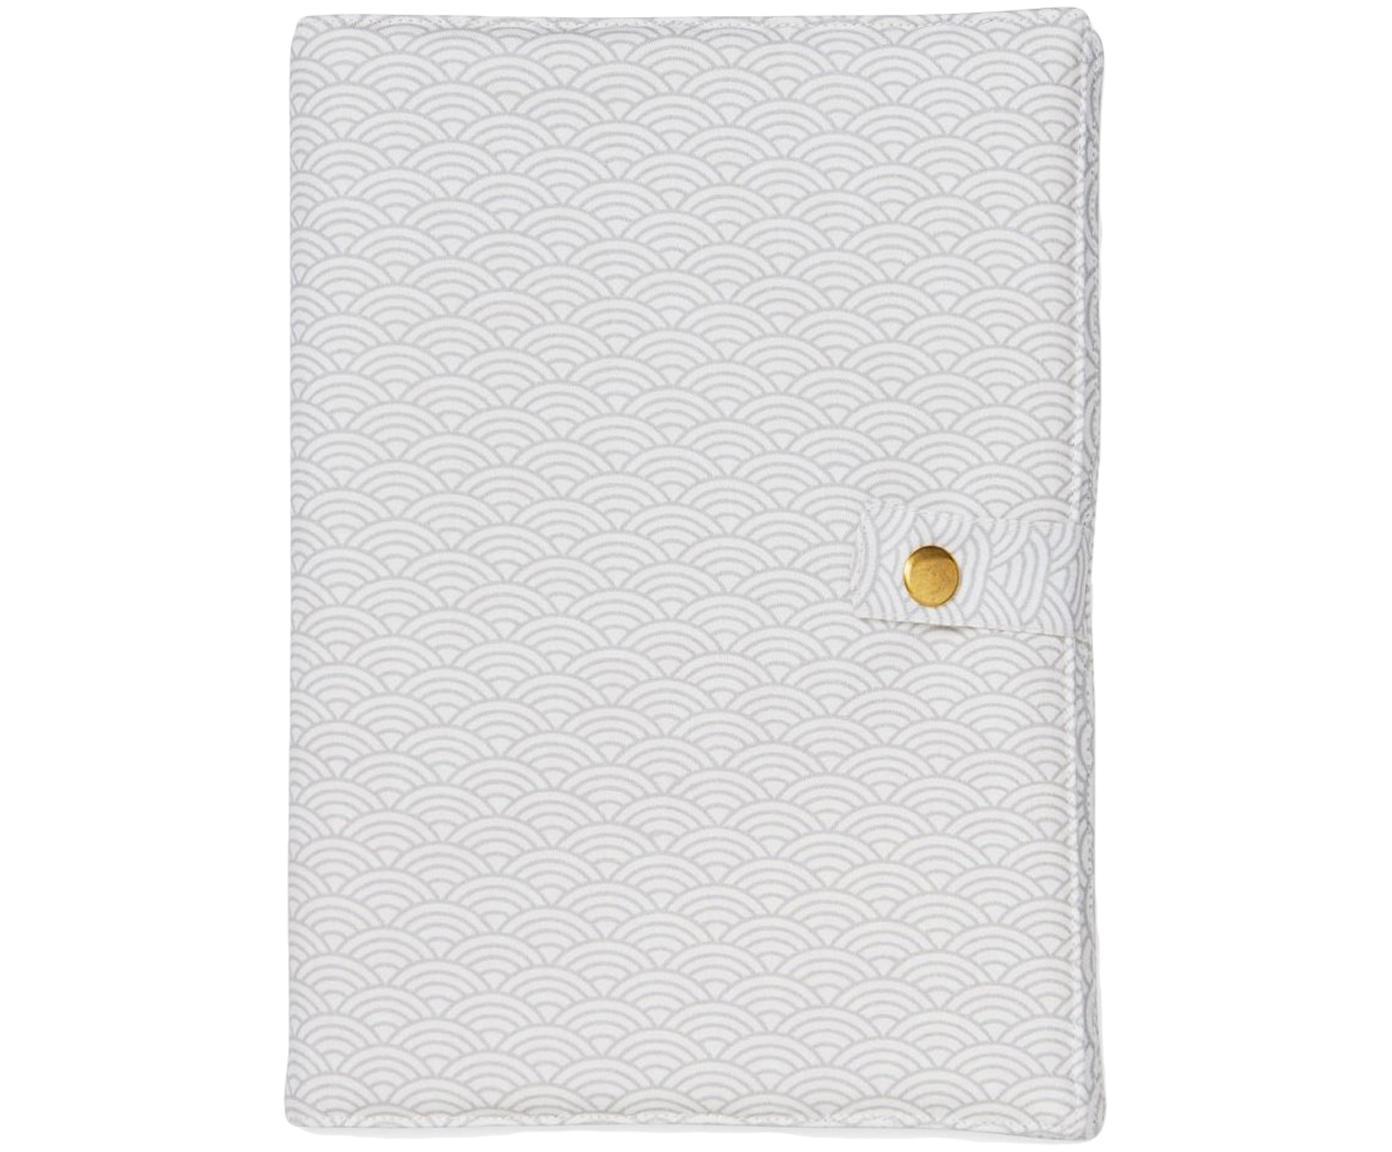 U-Heft-Hülle Wave aus Bio-Baumwolle, Bio-Baumwolle, OCS-zertifiziert, Grau, Weiss, 15 x 21 cm